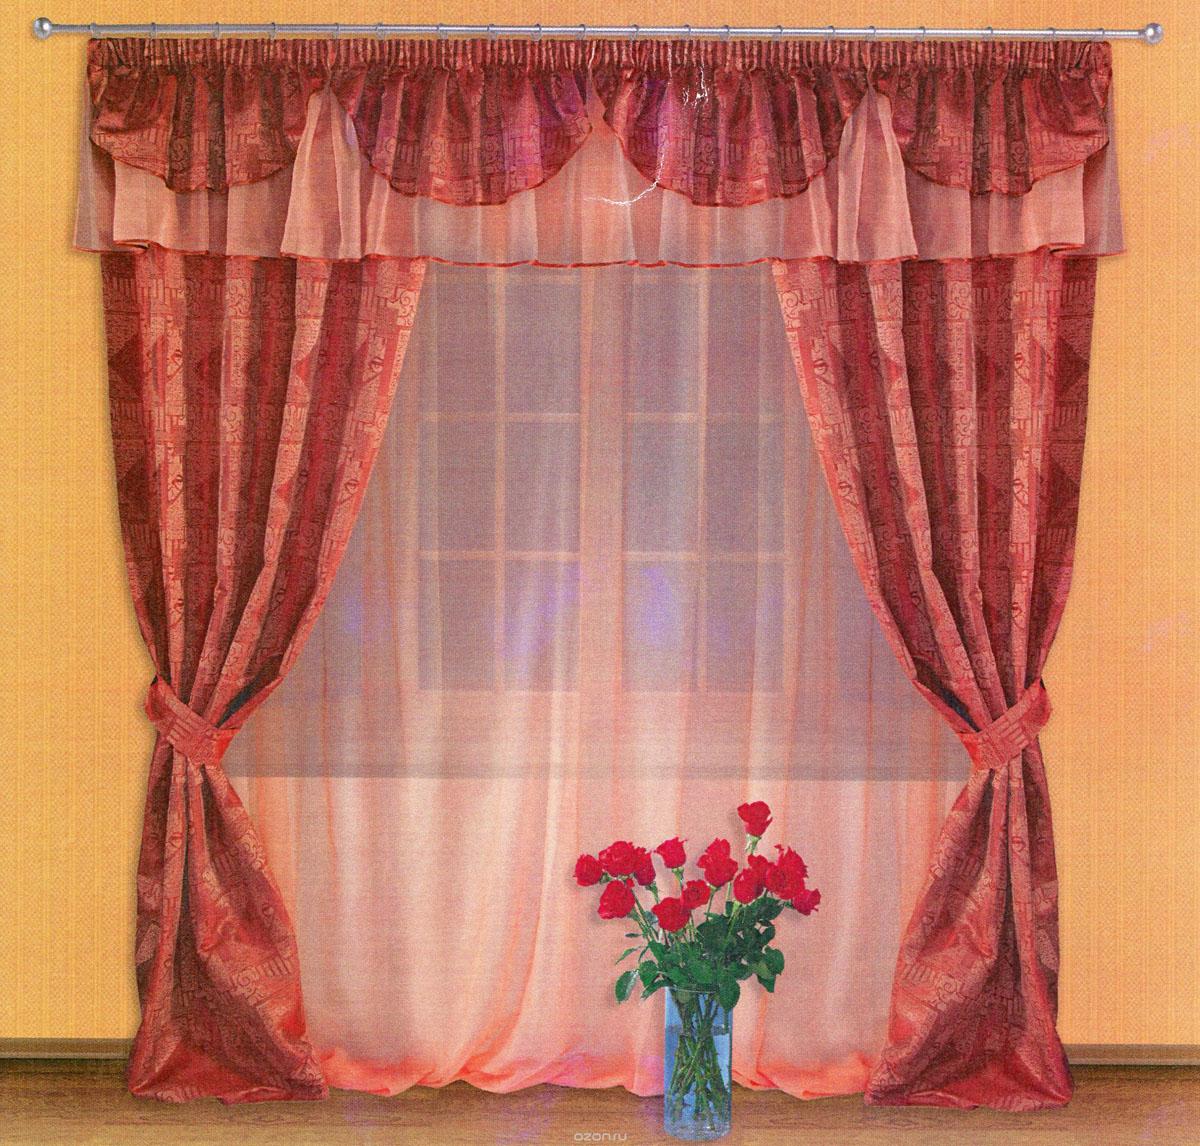 Комплект штор Zlata Korunka, на ленте, цвет: терракотовый, персиковый, высота 250 см. 5552355523Роскошный комплект штор Zlata Korunka, выполненный из сатина, жаккарда и вуали (100% полиэстера), великолепно украсит любое окно. Комплект состоит из двух портьер, тюля, ламбрекена и двух подхватов. Сочетание плотной и полупрозрачной тонкой ткани, оригинальный орнамент и приятная, приглушенная гамма привлекут к себе внимание и органично впишутся в интерьер помещения. Комплект крепится на карниз при помощи шторной ленты, которая поможет красиво и равномерно задрапировать верх. Портьеры можно зафиксировать в одном положении с помощью двух подхватов. Этот комплект будет долгое время радовать вас и вашу семью! В комплект входит: Портьера: 2 шт. Размер (ШхВ): 140 см х 250 см. Тюль: 1 шт. Размер (ШхВ): 400 см х 250 см. Ламбрекен: 1 шт. Размер (ШхВ): 450 см х 50 см. Подхват: 2 шт. Размер (ШхВ): 60 см х 10 см.